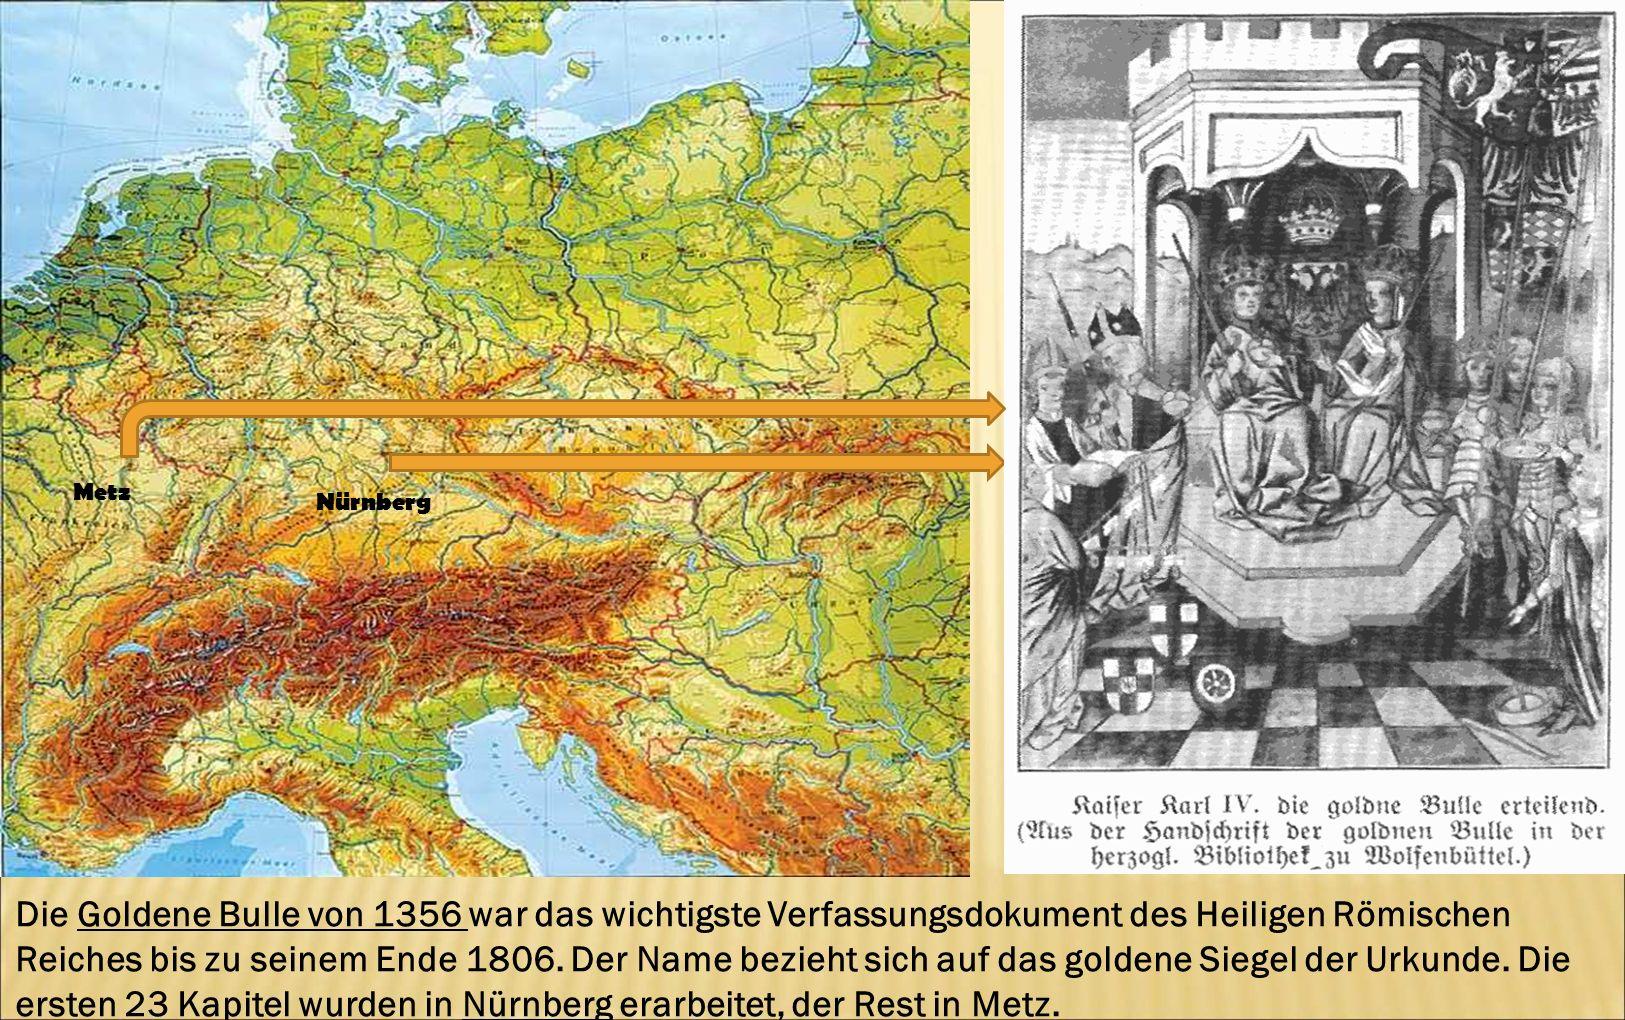 Die Goldene Bulle von 1356 war das wichtigste Verfassungsdokument des Heiligen Römischen Reiches bis zu seinem Ende 1806. Der Name bezieht sich auf da